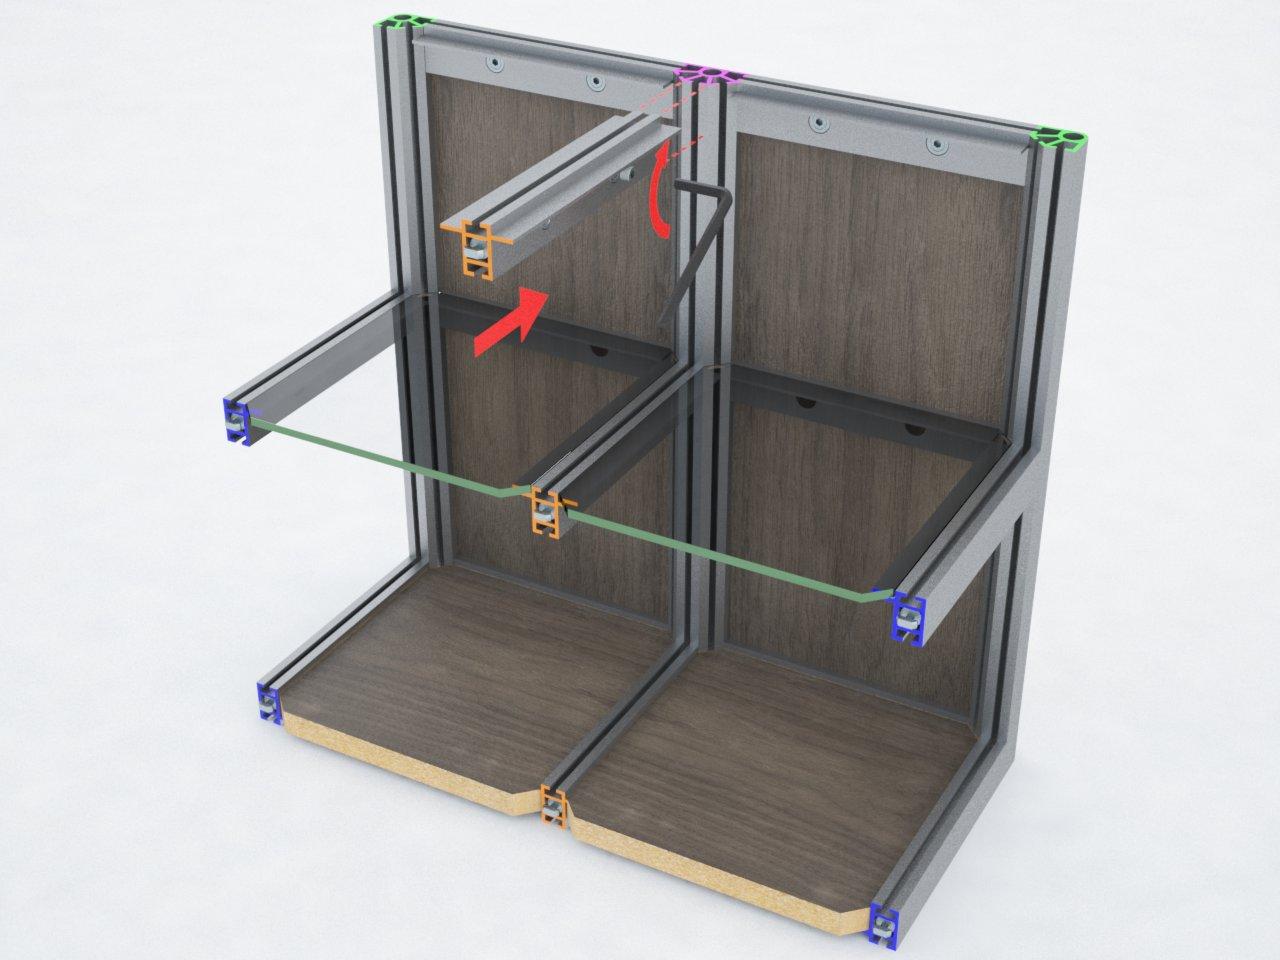 Perfil de travessa T280B com 2 abas para montagem de estruturas em alumínio com prateleiras de vidro ou mdf